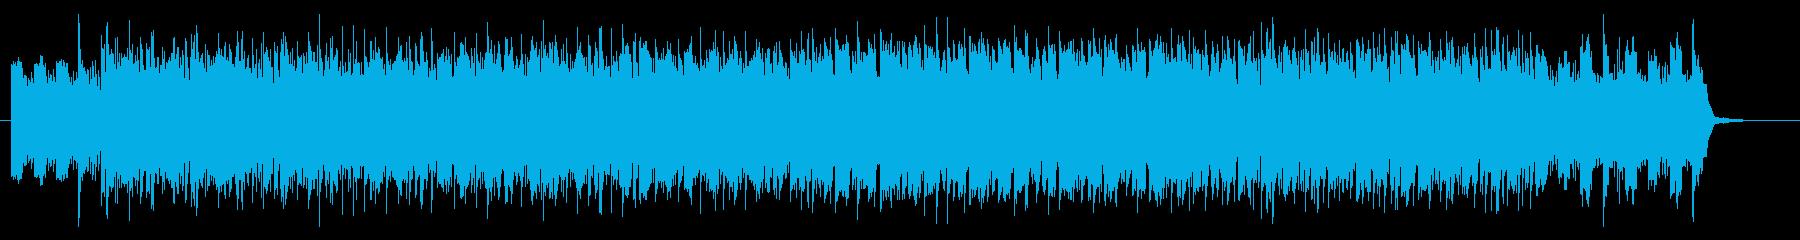 リズミカルでベースが印象的なロックの再生済みの波形